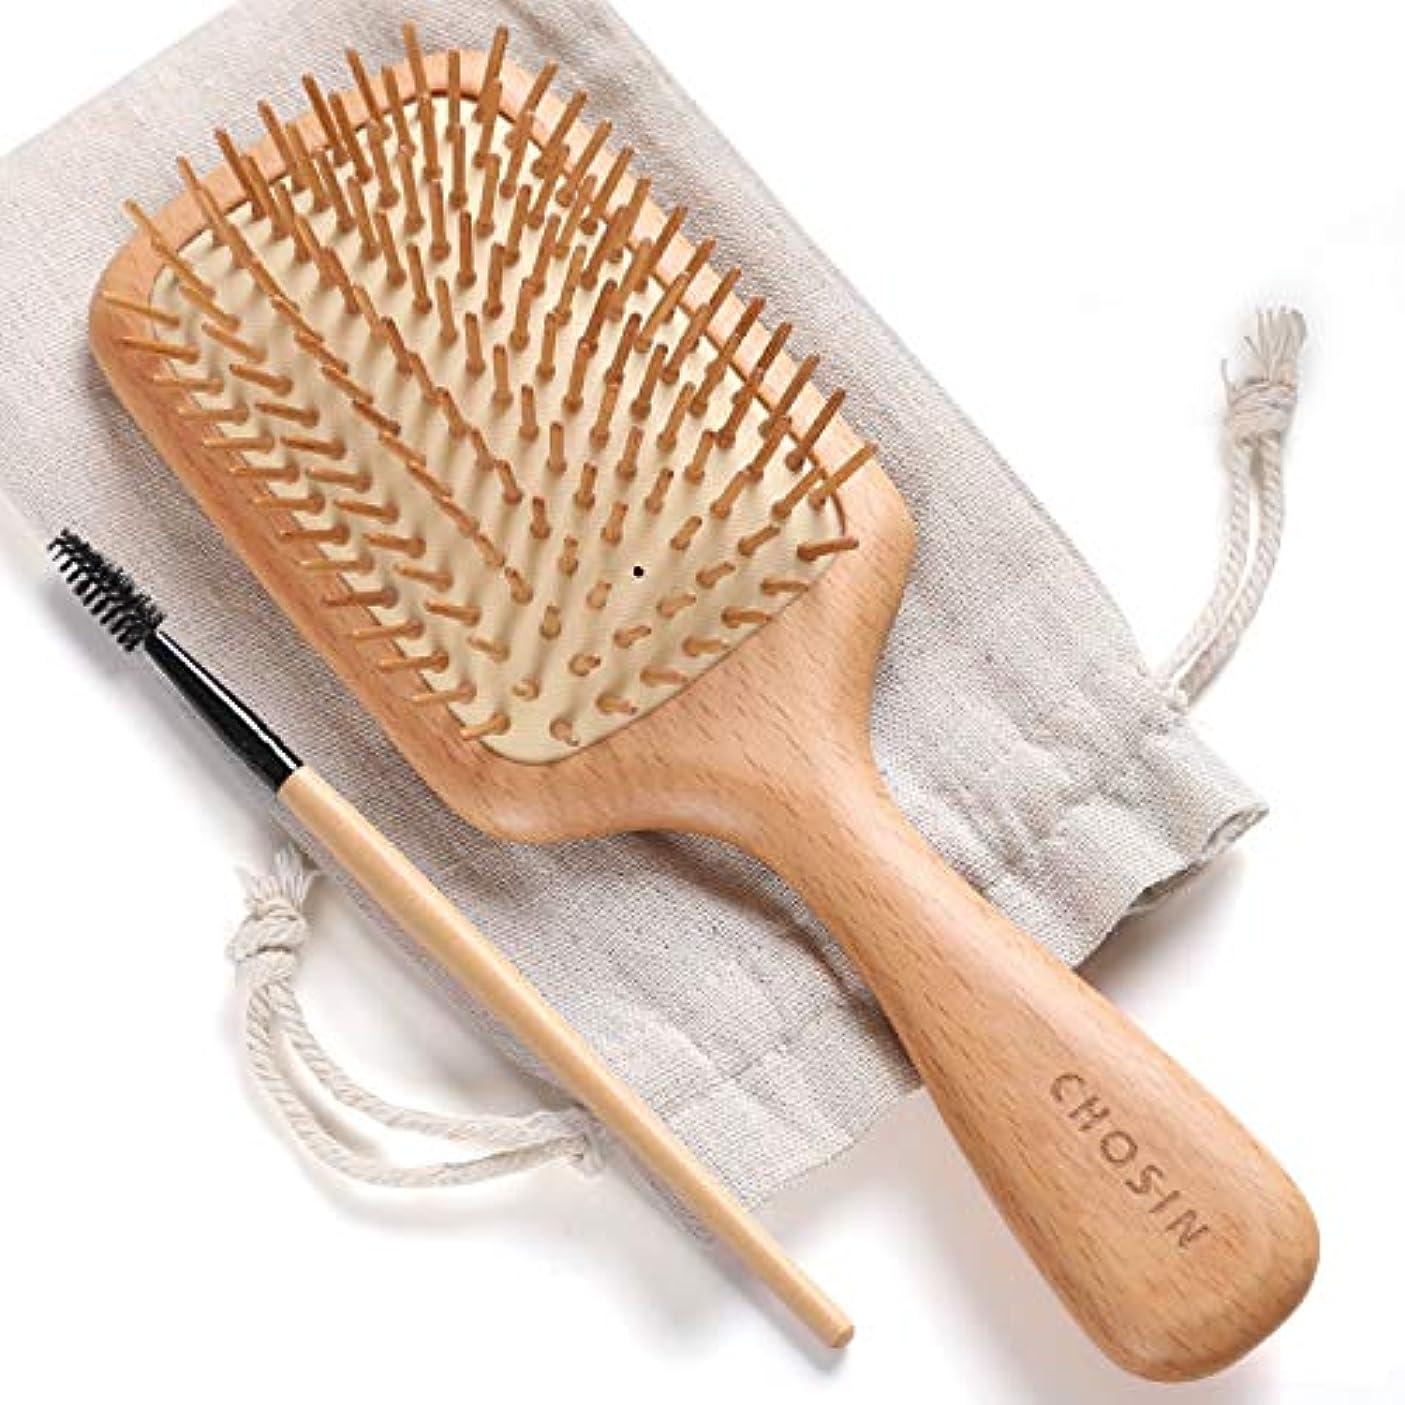 可動寺院カウントヘアブラシ CHOSIN 頭皮マッサージ 木製櫛 髪をなめらかにする ヘアケア 静電気防止脱毛防止頭皮の圧迫軽減 男性と女性への適用